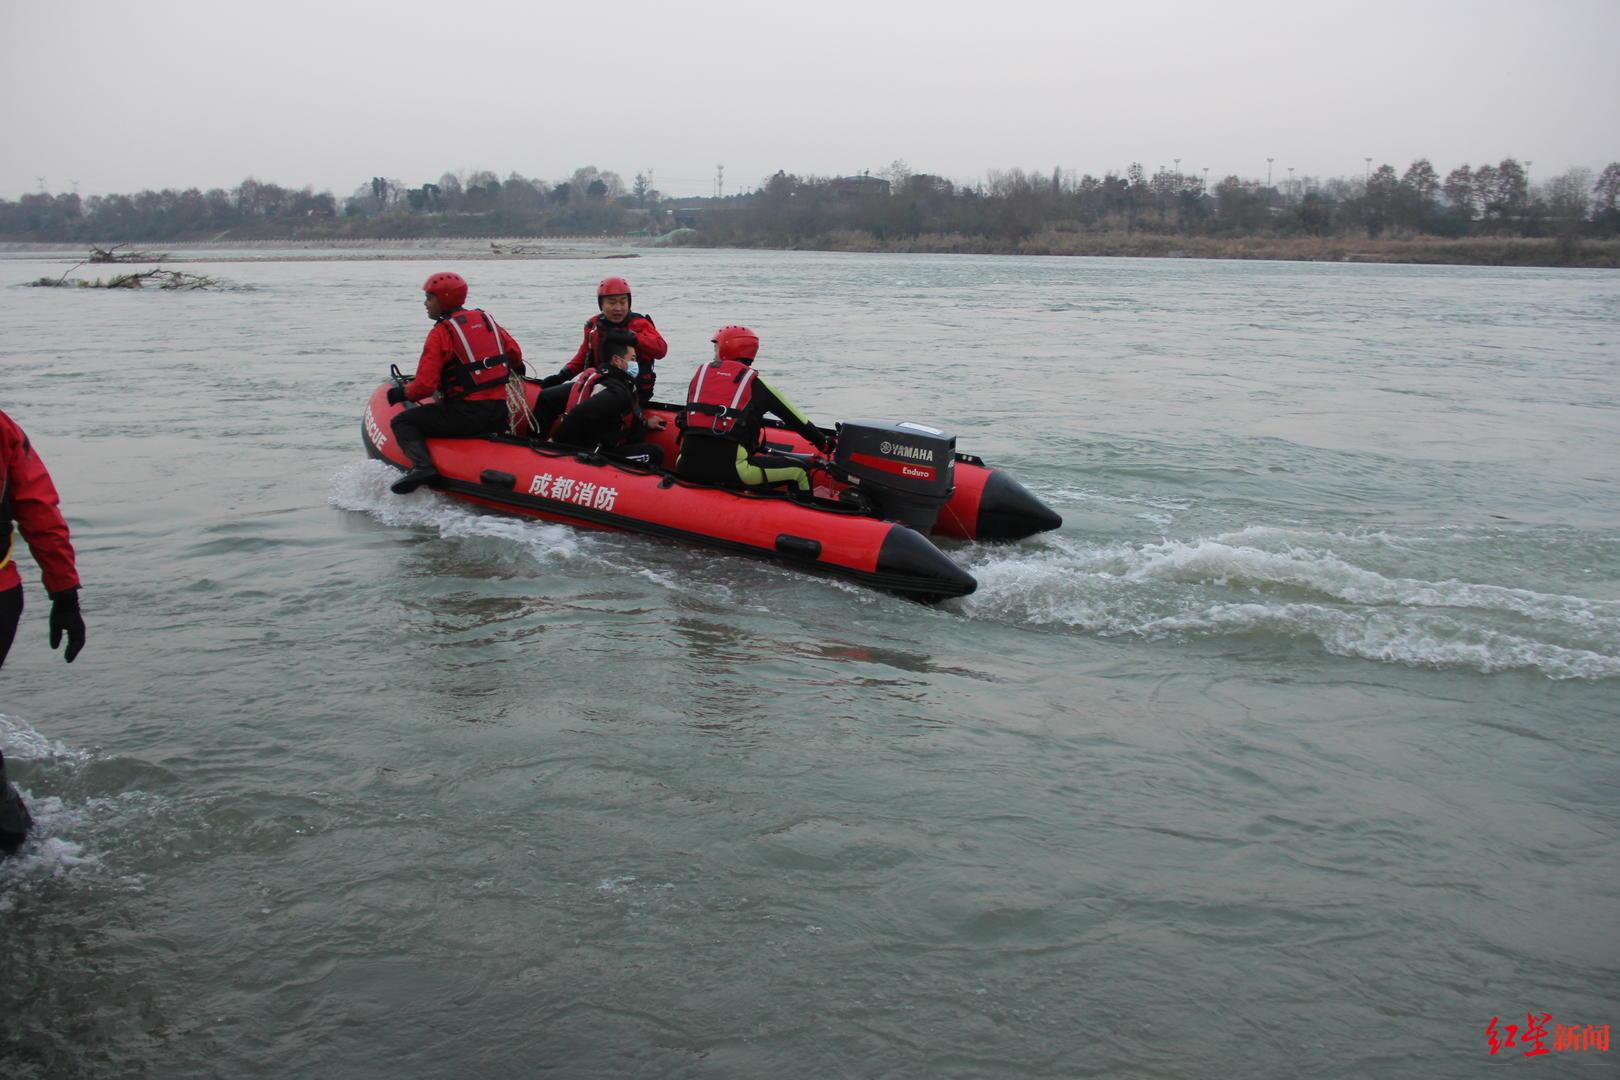 半天内两人接连被困四川温江金马河  消防提醒:远离河道浅滩